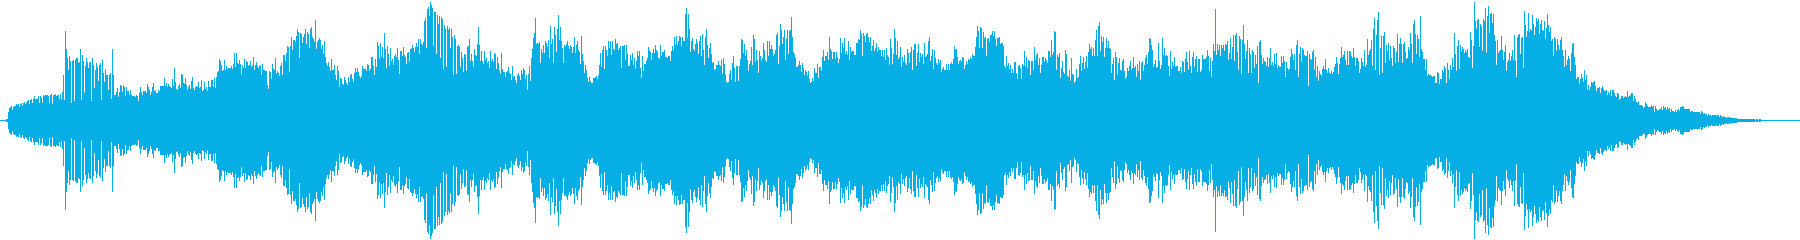 ゲームオーバー_002_宇宙_長の再生済みの波形